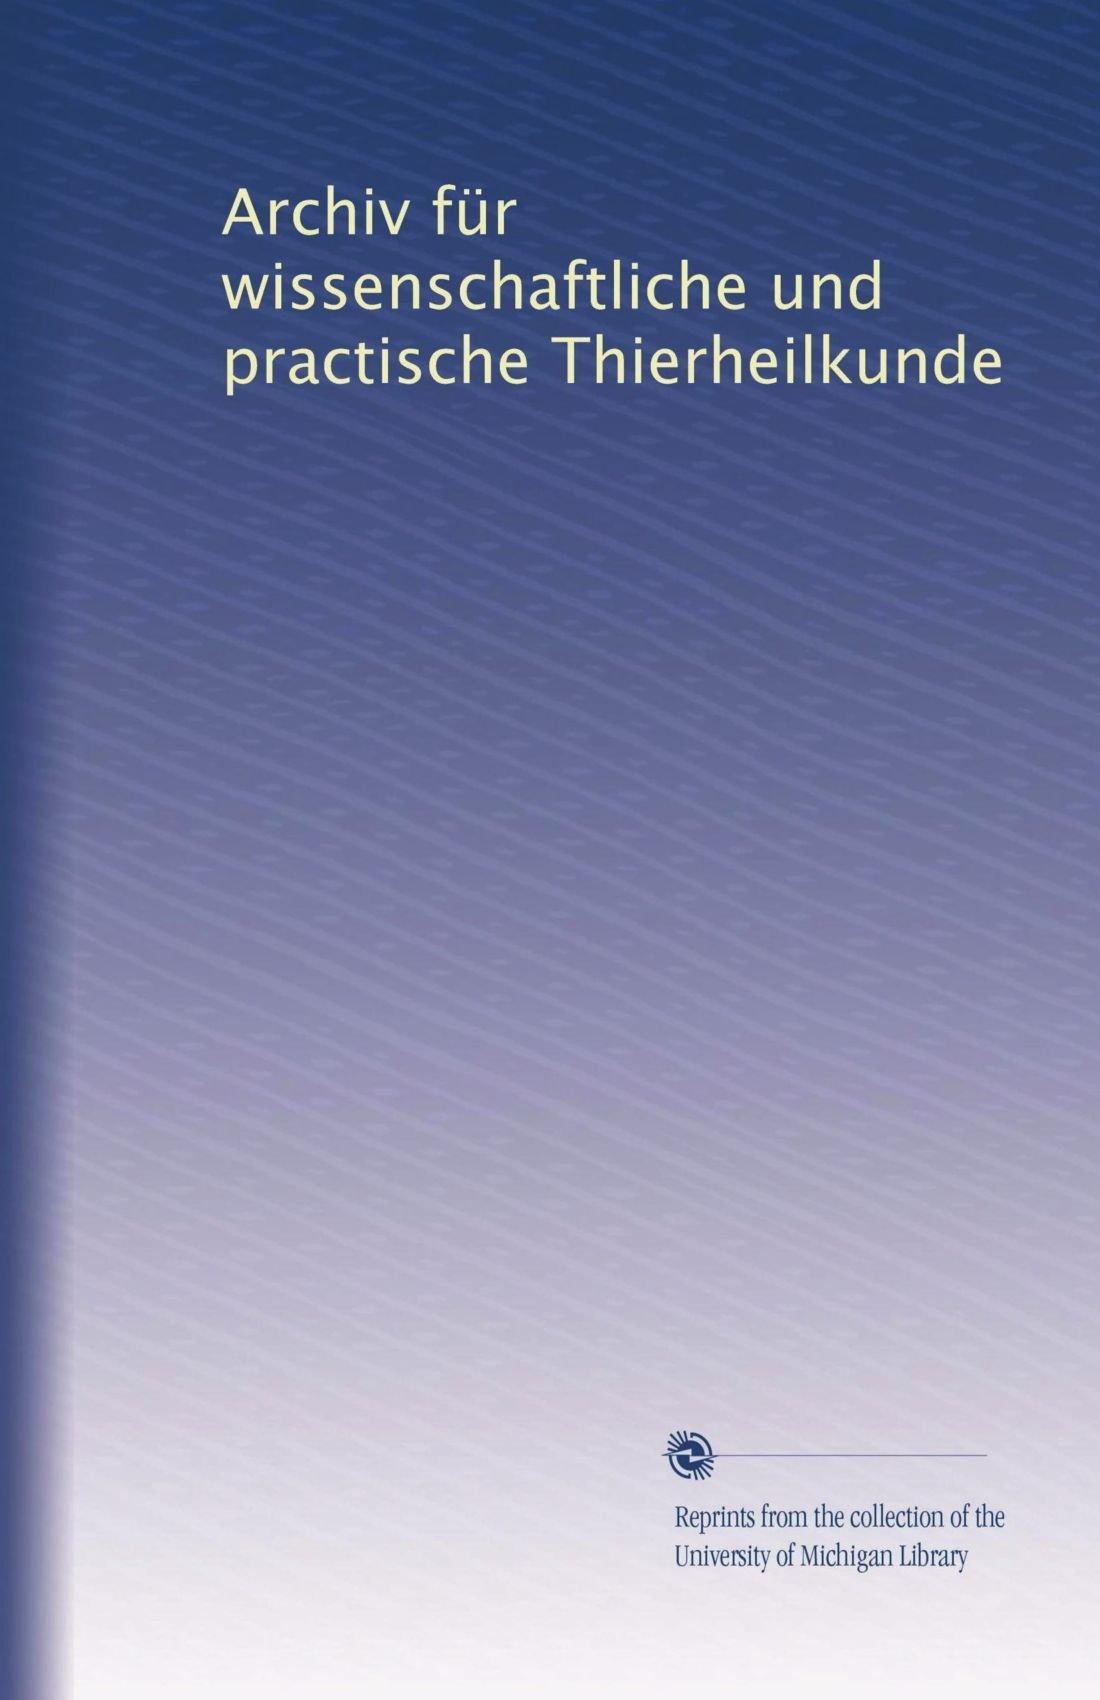 Archiv für wissenschaftliche und practische Thierheilkunde (Volume 41) (German Edition) PDF